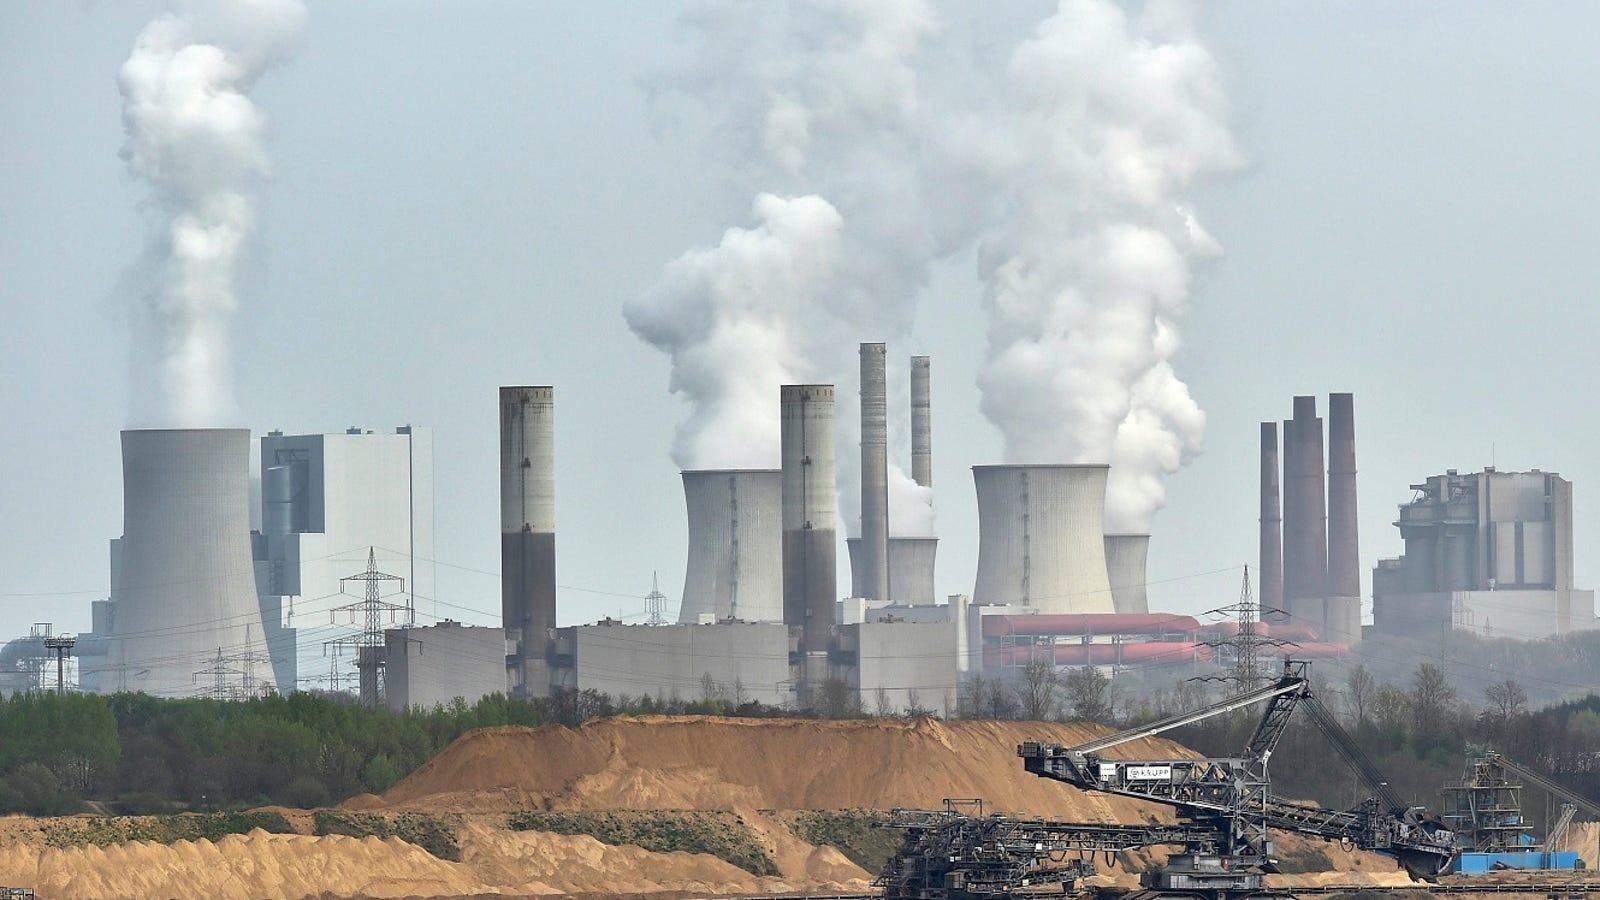 El nuevo plan mundial para detener el calentamiento global no evitará la catástrofe, según un estudio